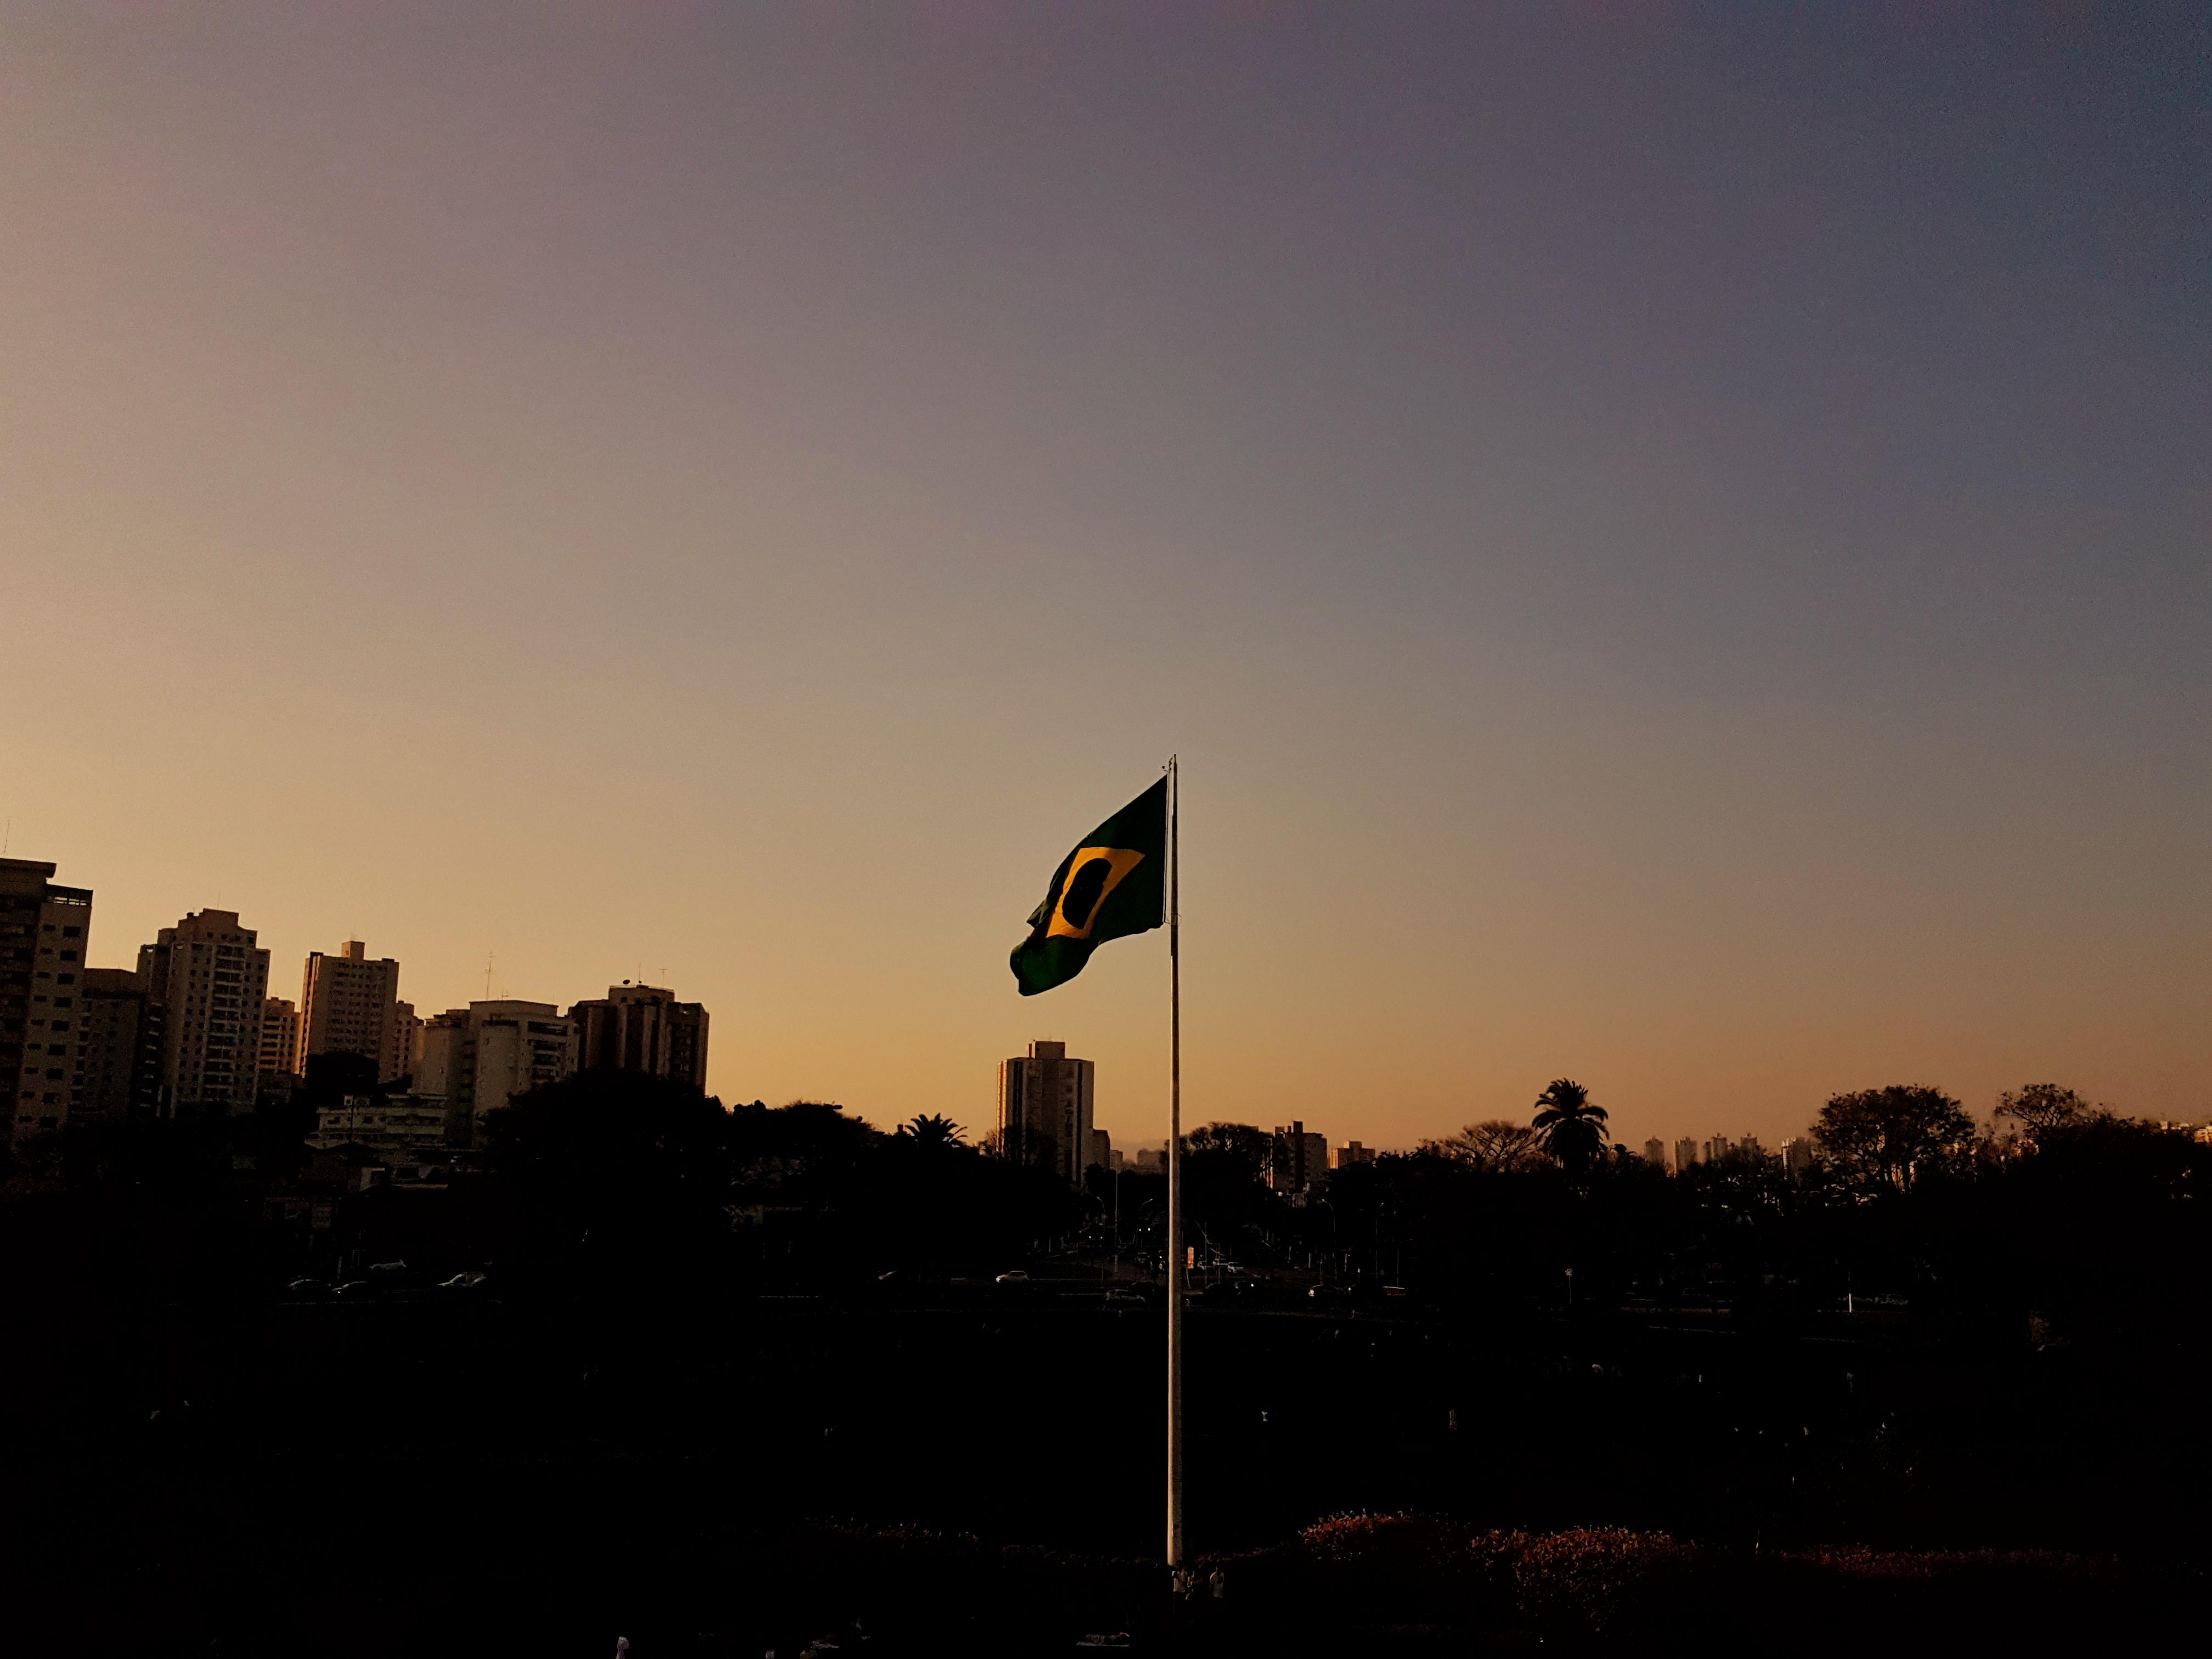 Bandeira do Brasil flamulando com penumbra do fim de tarde ao fundo.